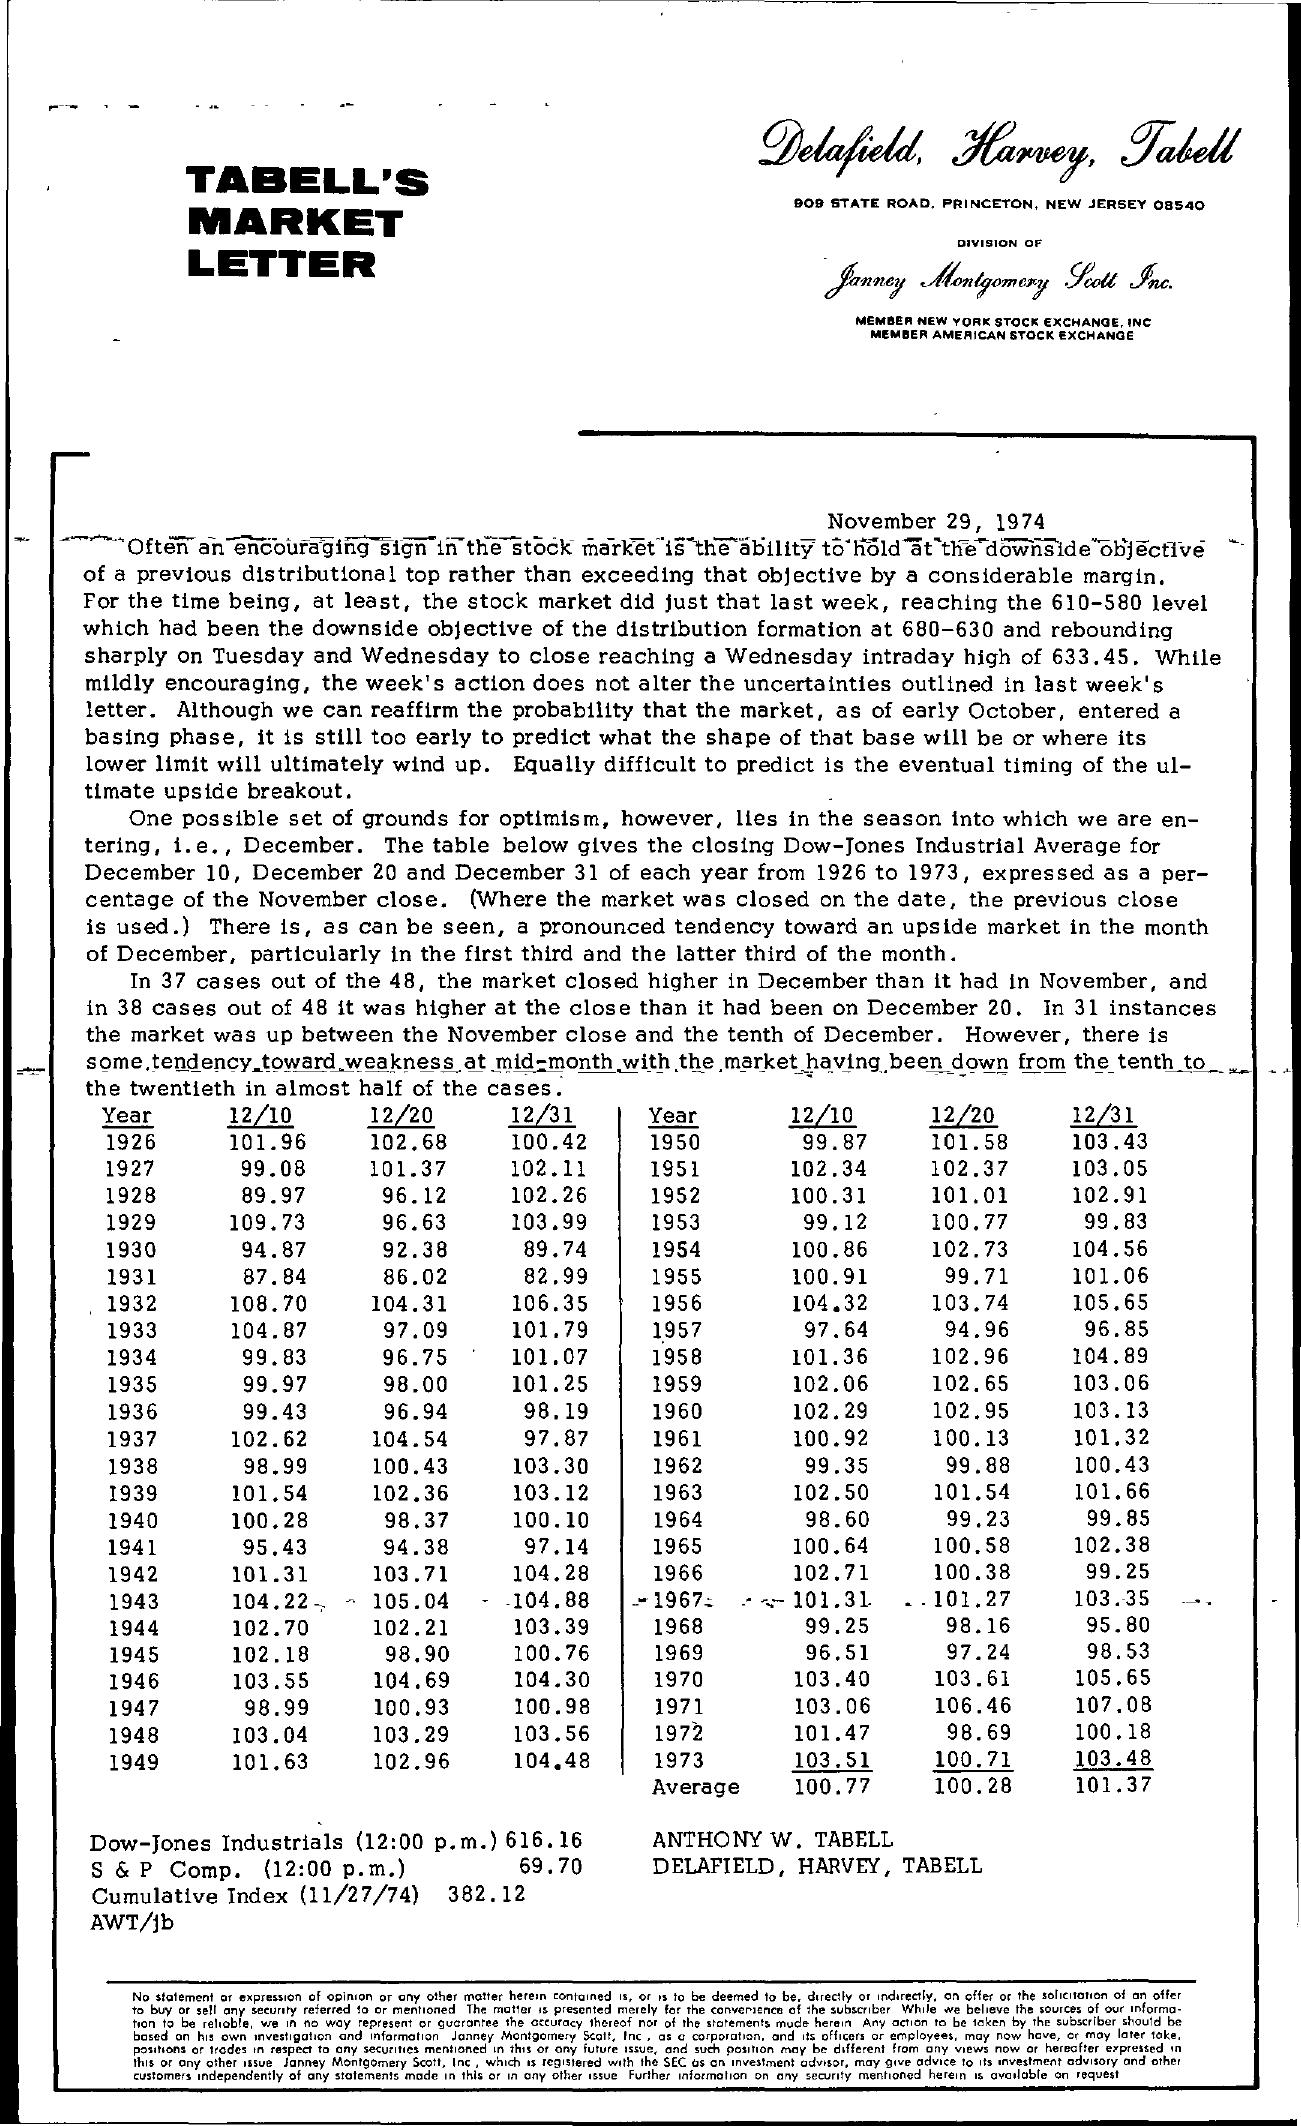 Tabell's Market Letter - November 29, 1974